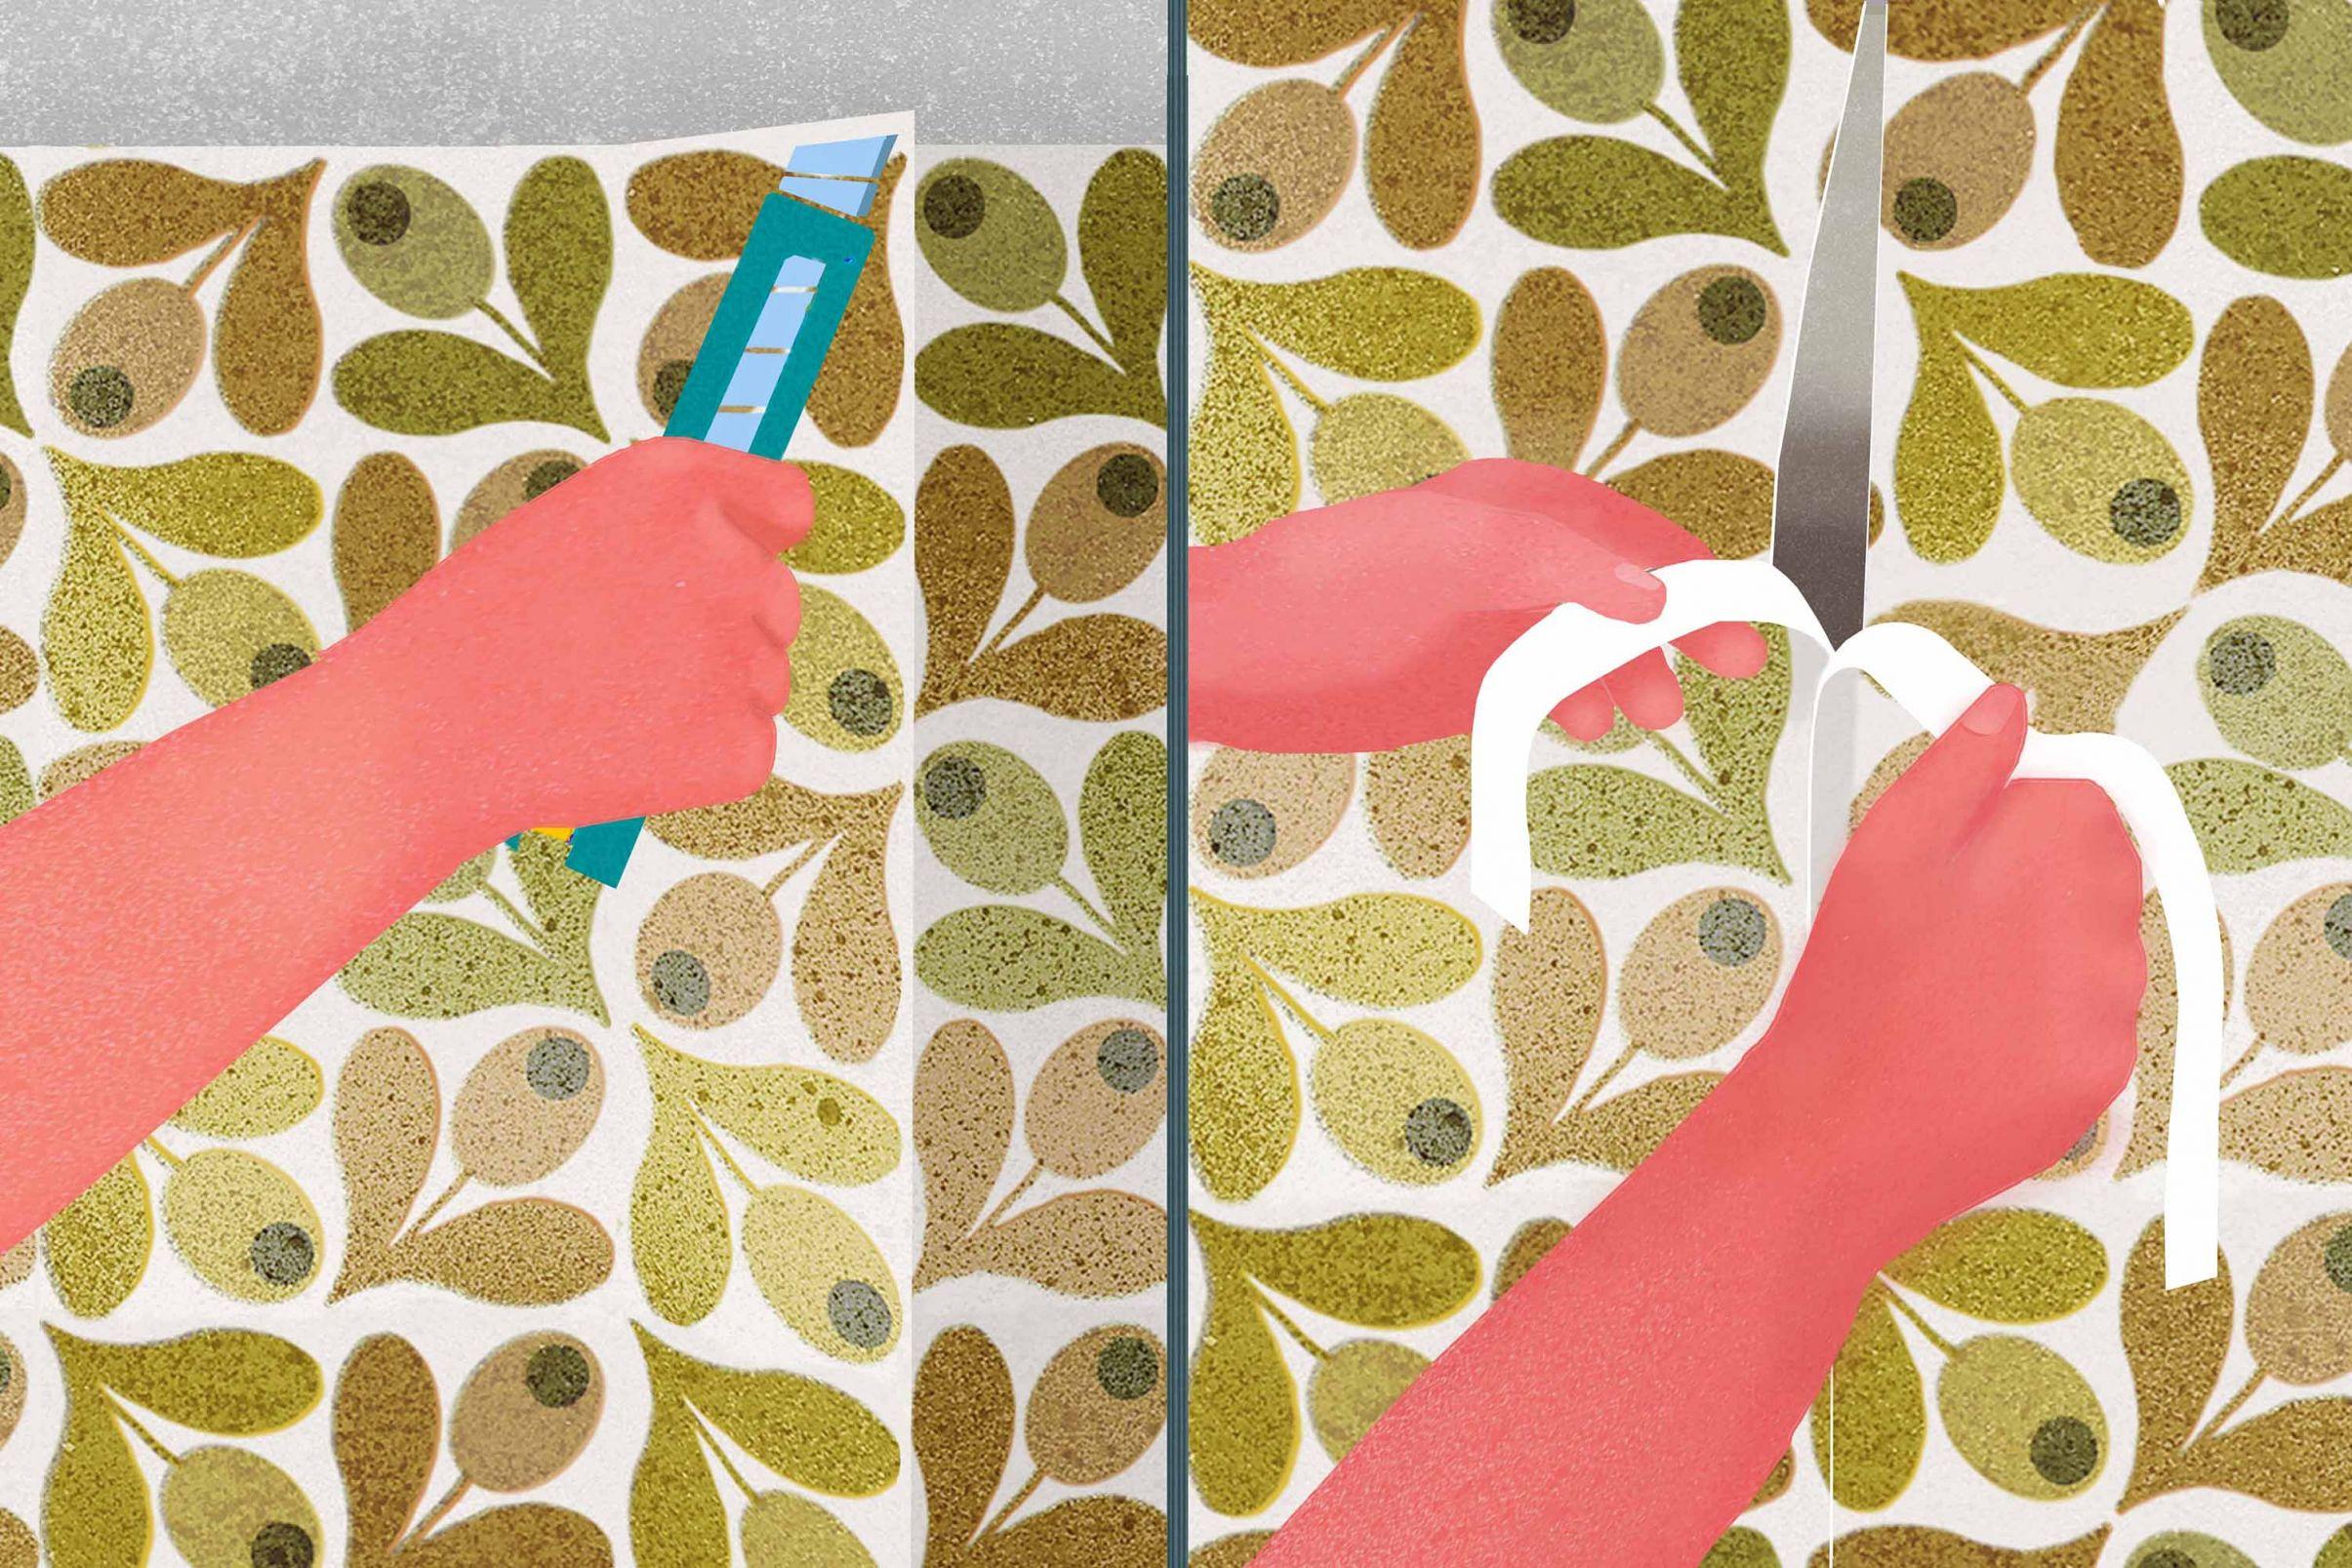 Como-empapelar-alrededor-de-puertas-y-ventanas-Eliminar-la-superposicion-con-doble-corte-en-juntas